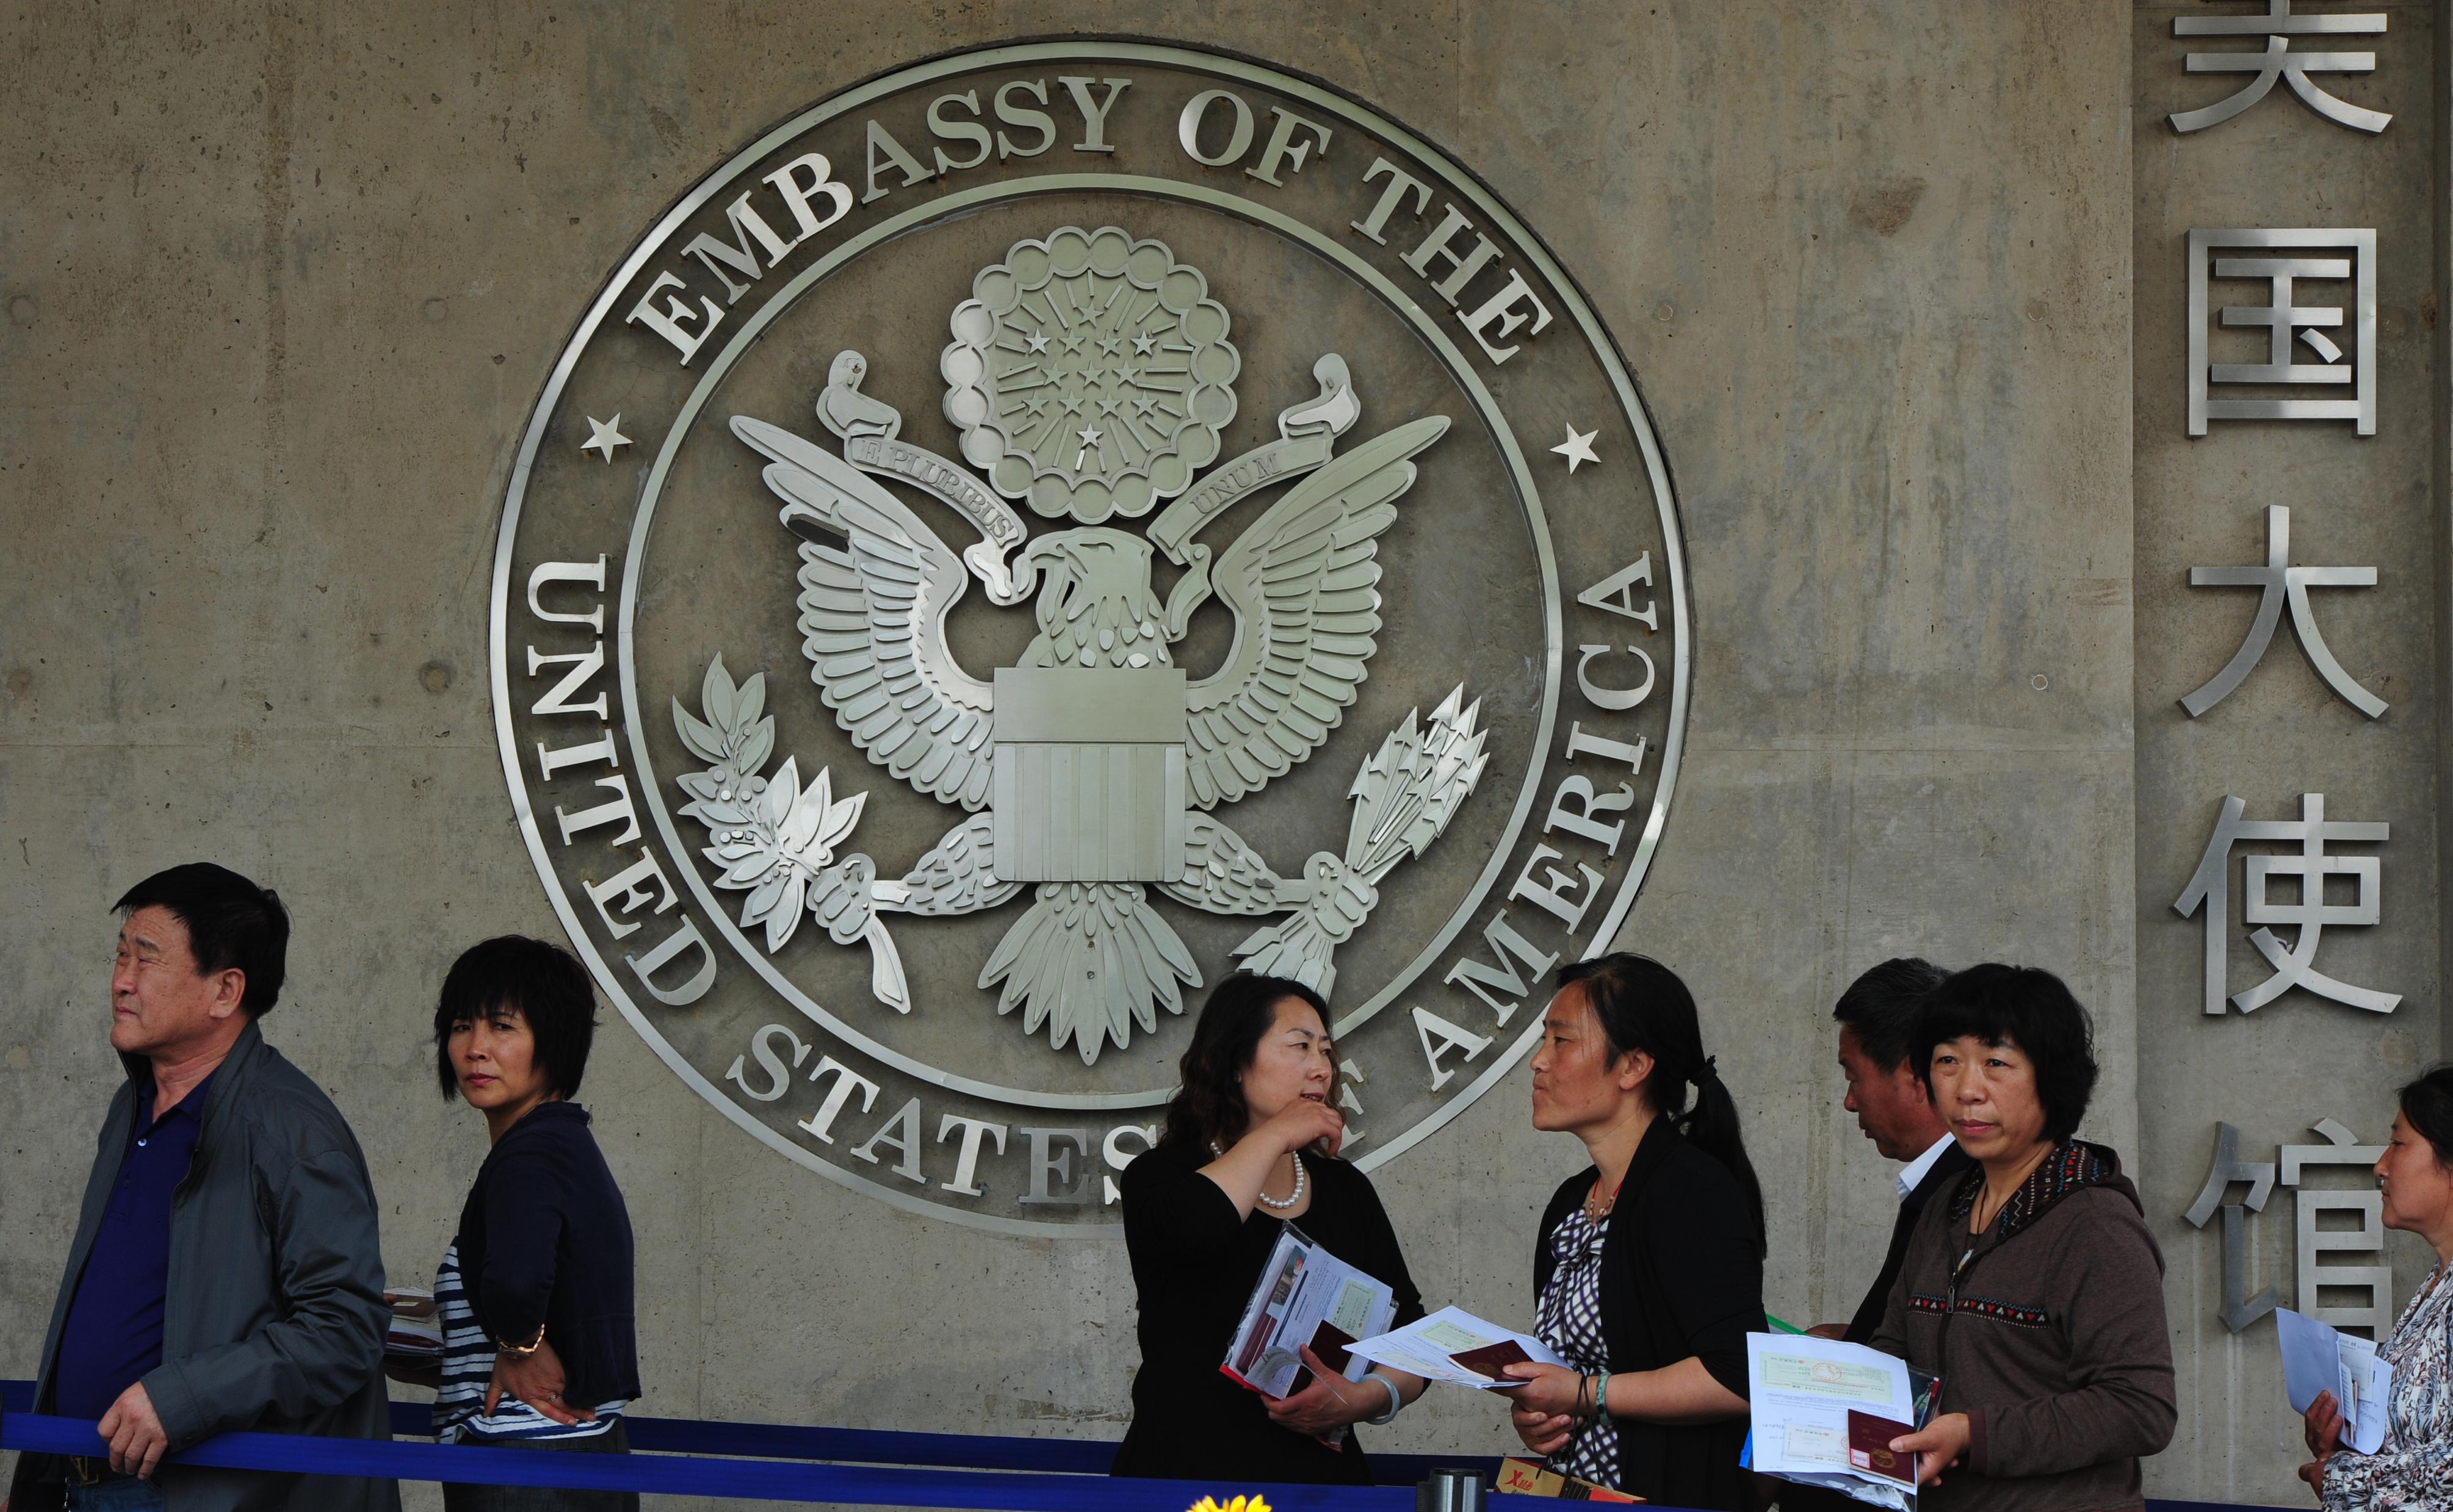 美國國務院官員曾表示,將對在敏感領域從事研究的某些中國公民和學生的簽證申請加強篩查。圖為美駐華大使館。(MARK RALSTON/AFP/GettyImages)